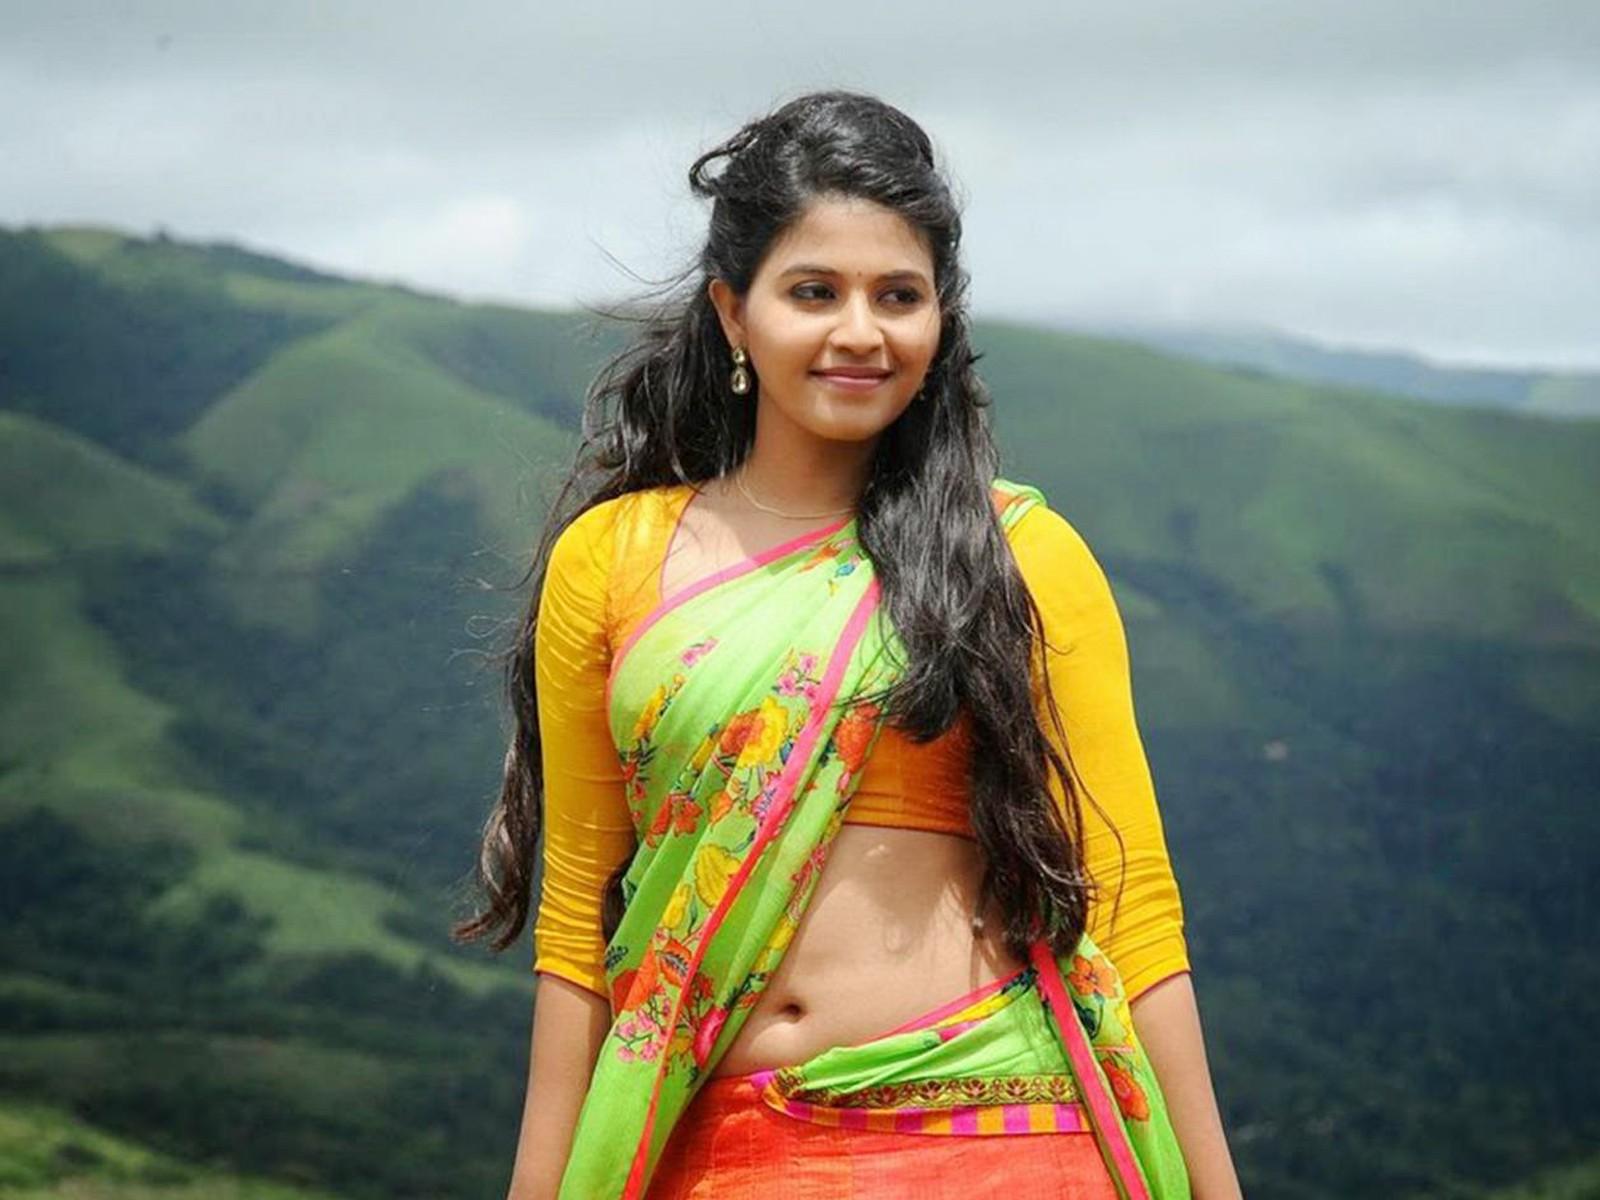 48 Saree Actress Hd Wallpapers 1080p On Wallpapersafari